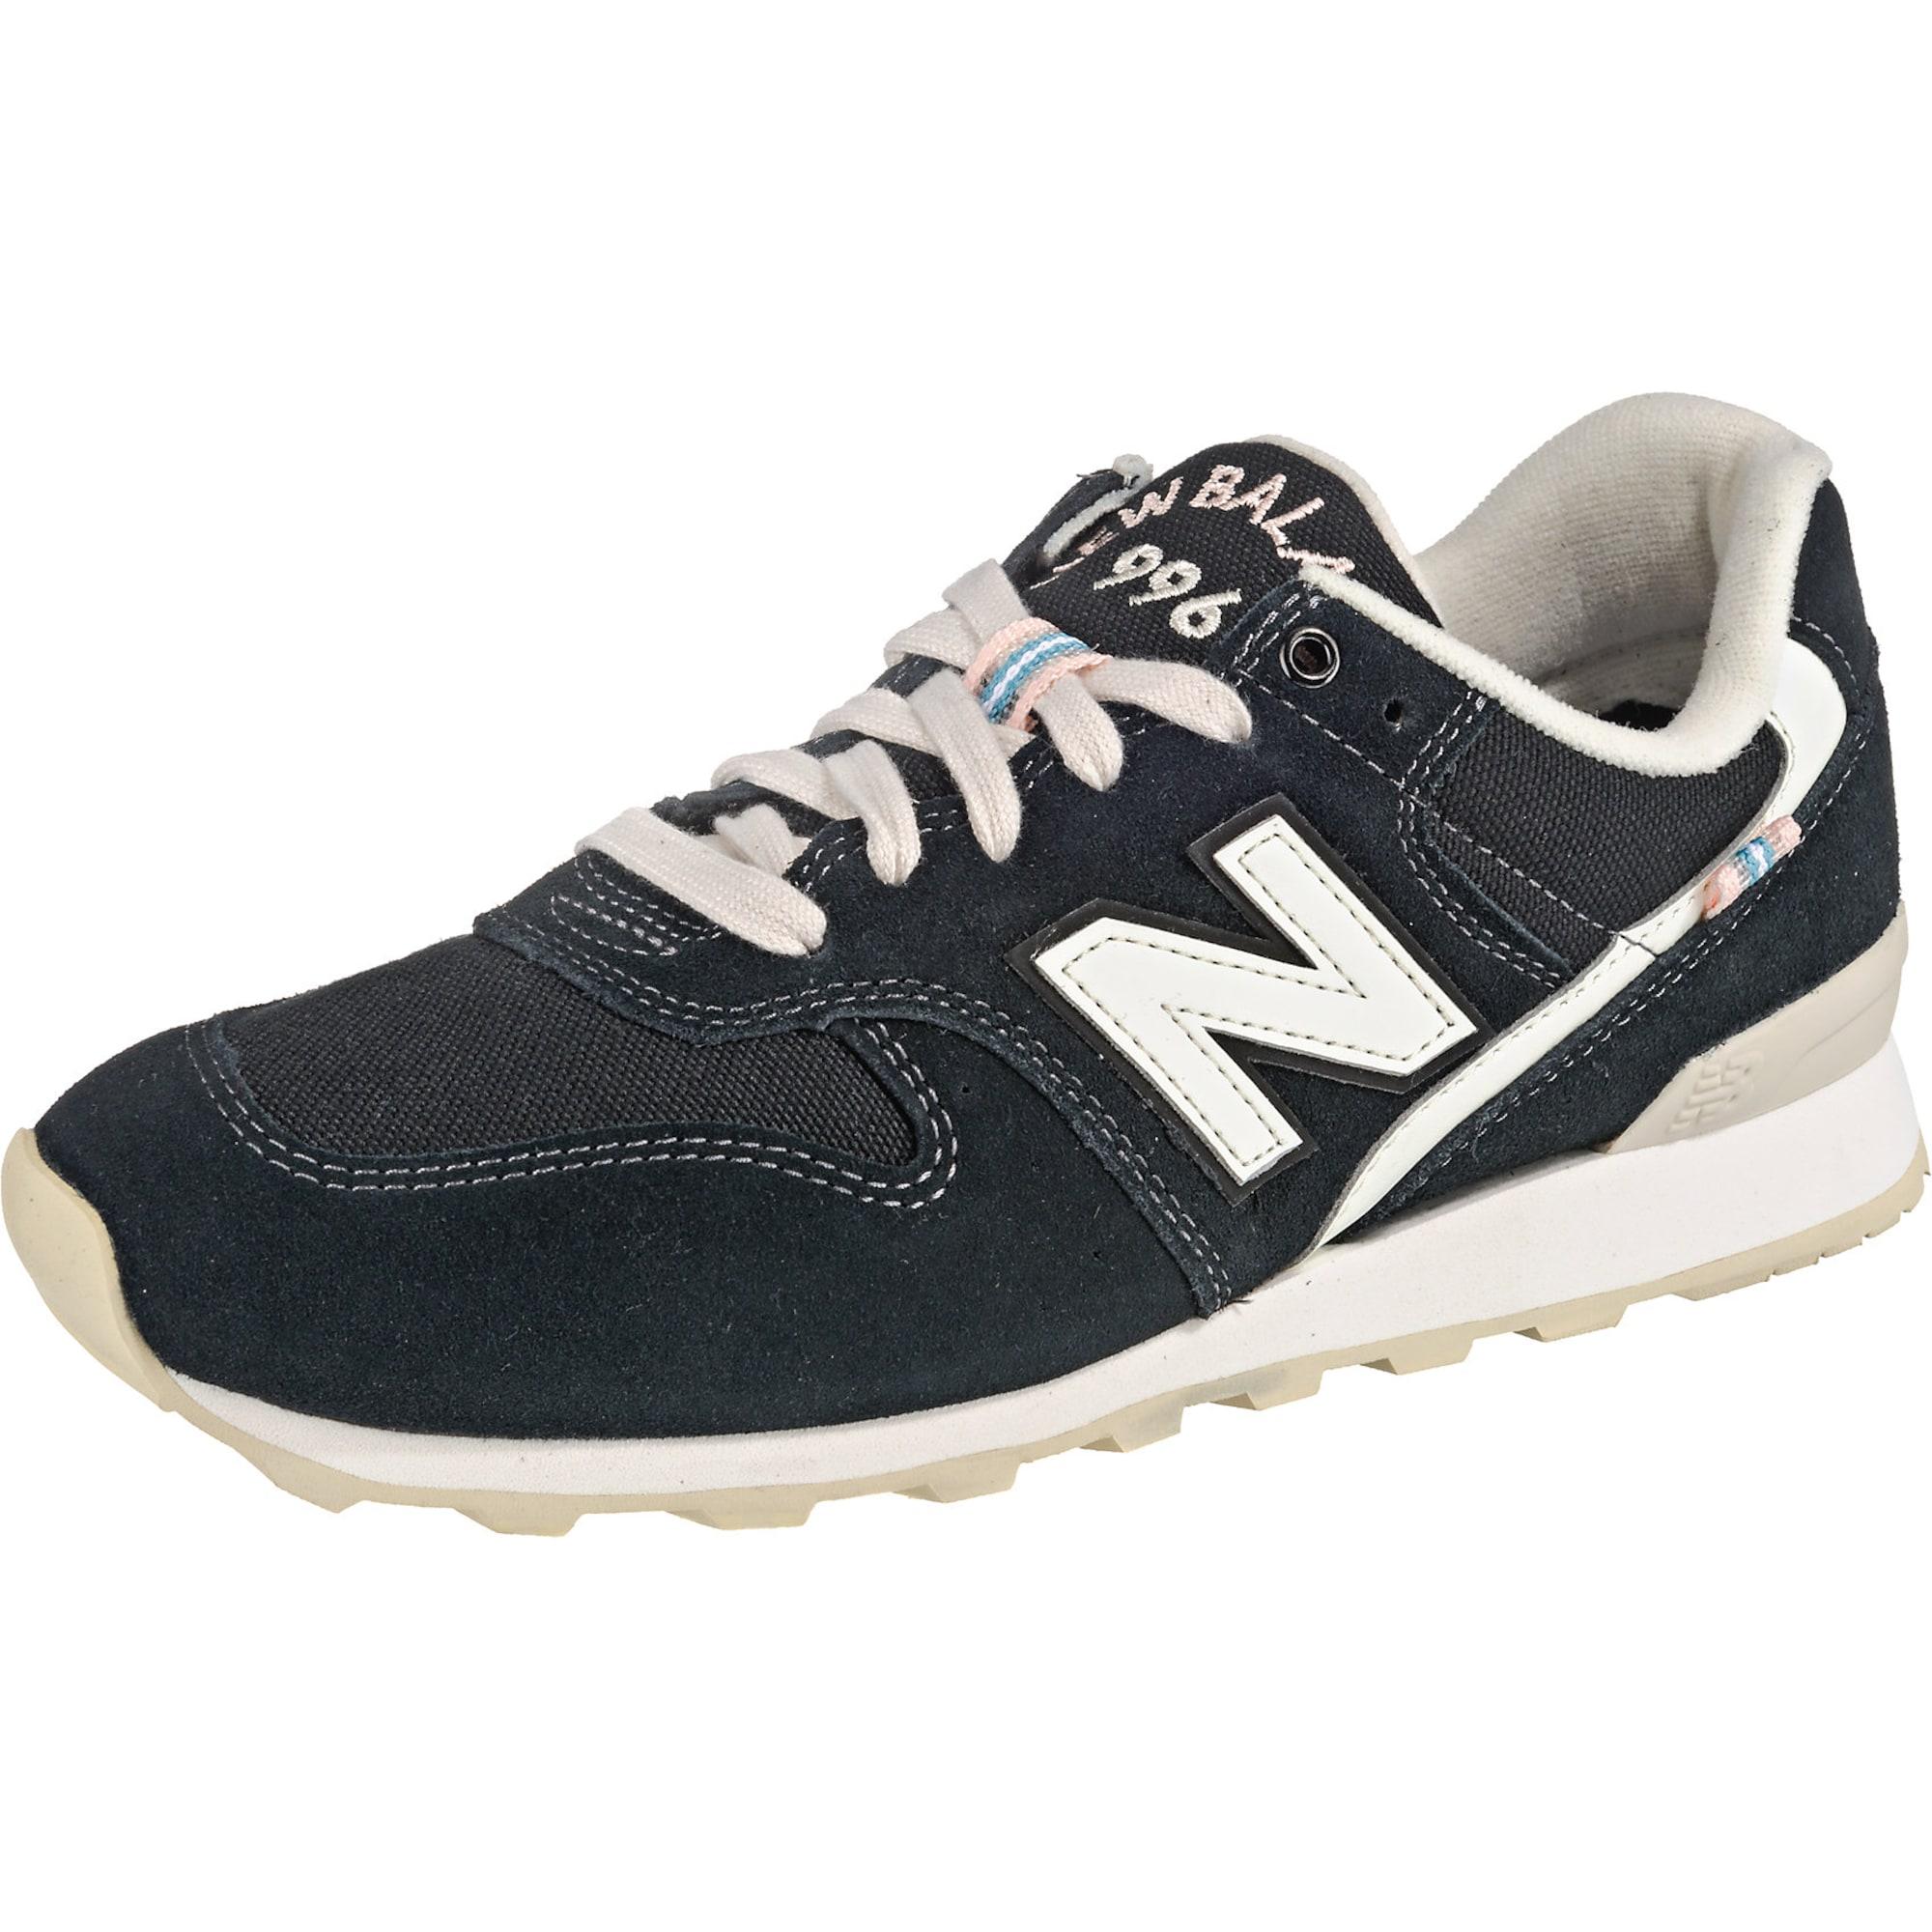 New Balance Tenisky  černá / bílá